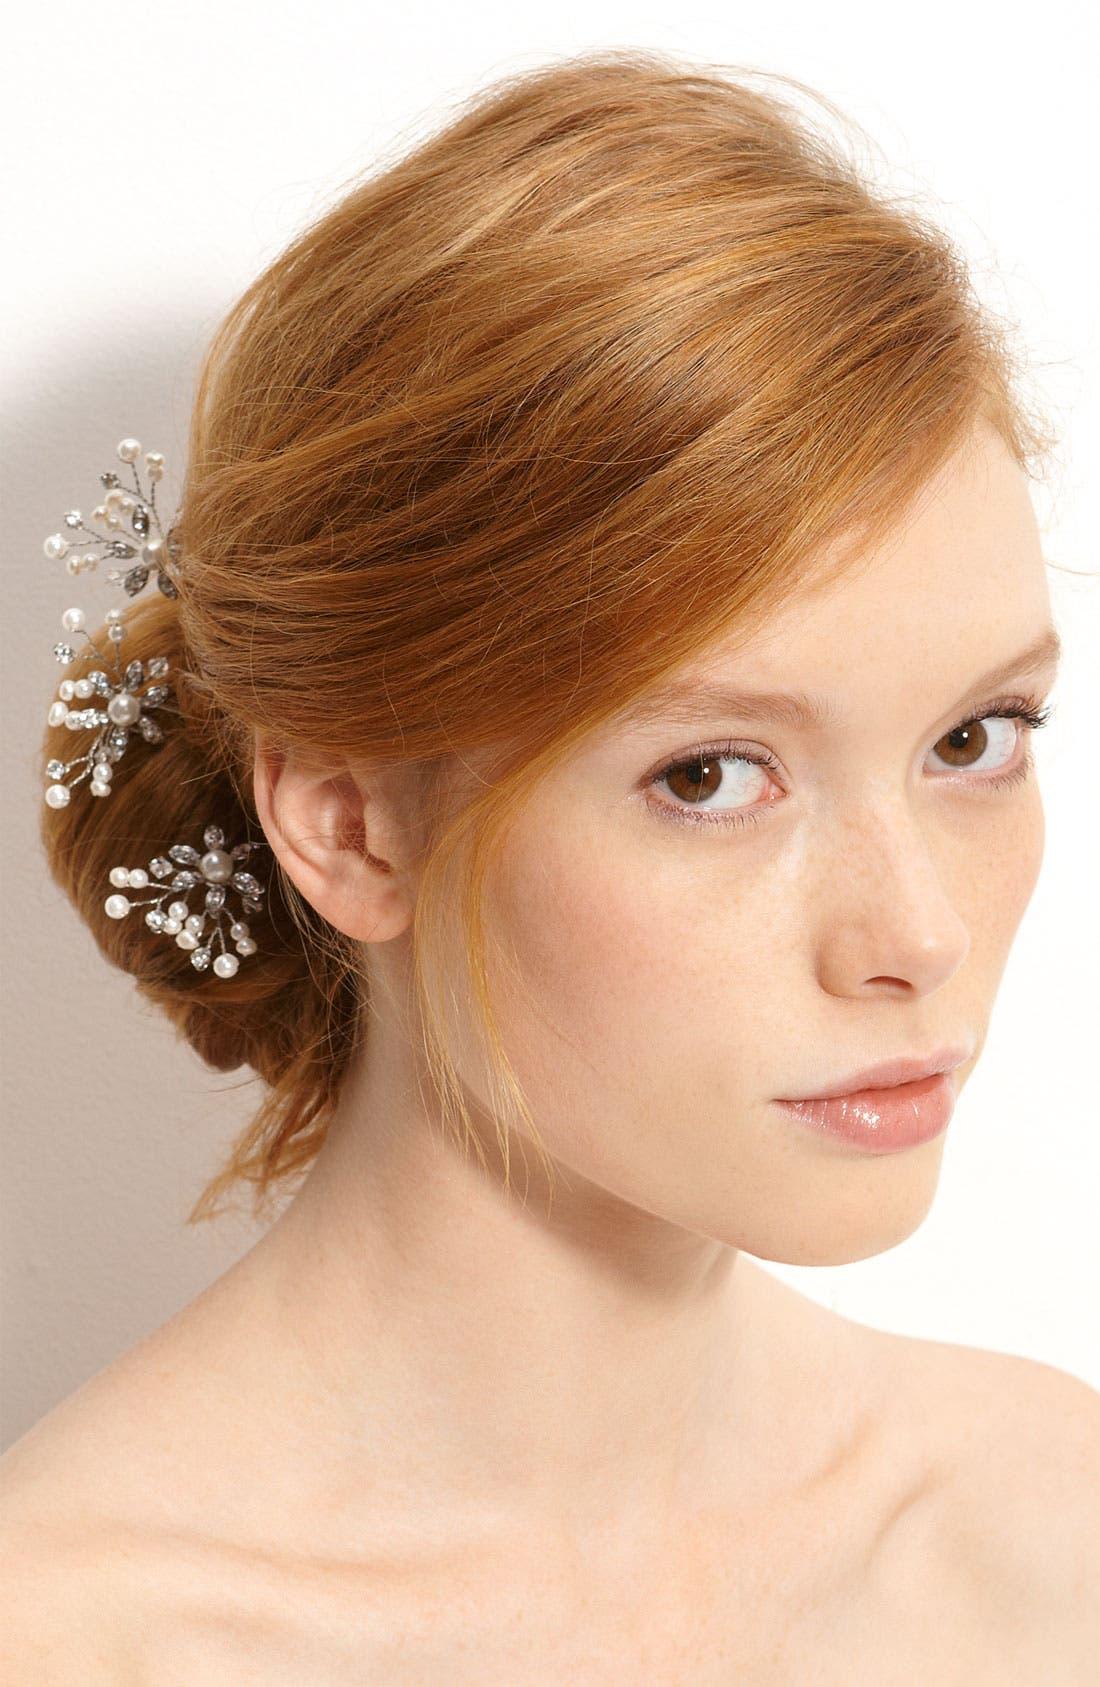 'Mercia' Swarovski Crystal & Freshwater Pearl Hairpins,                             Main thumbnail 1, color,                             Crystal